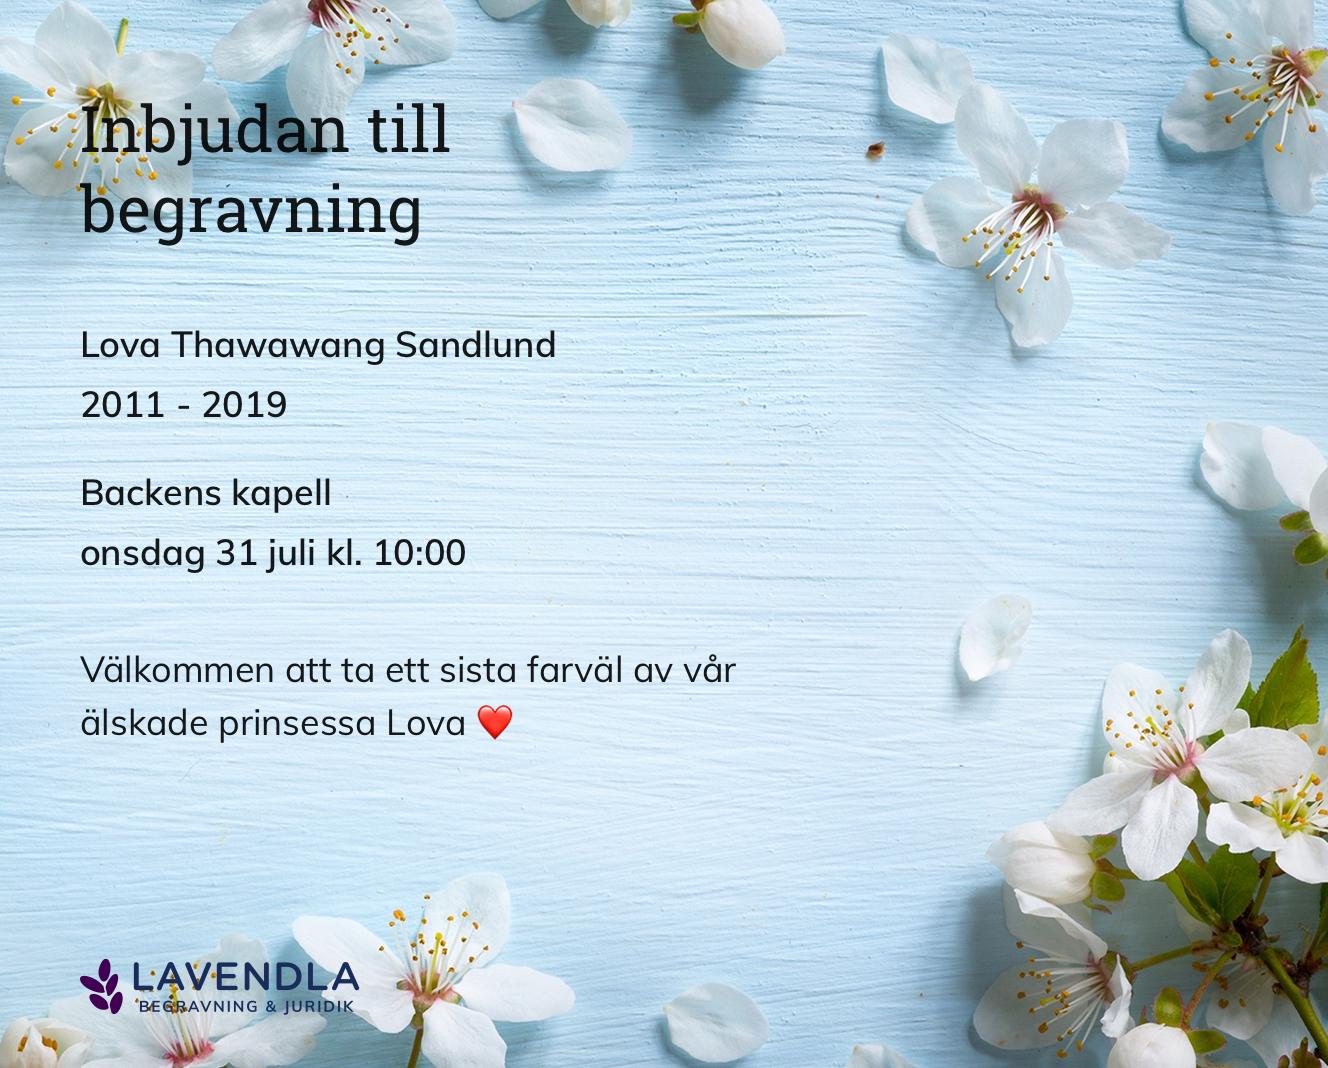 Inbjudningskort till ceremonin för Lova Thawawang Sandlund